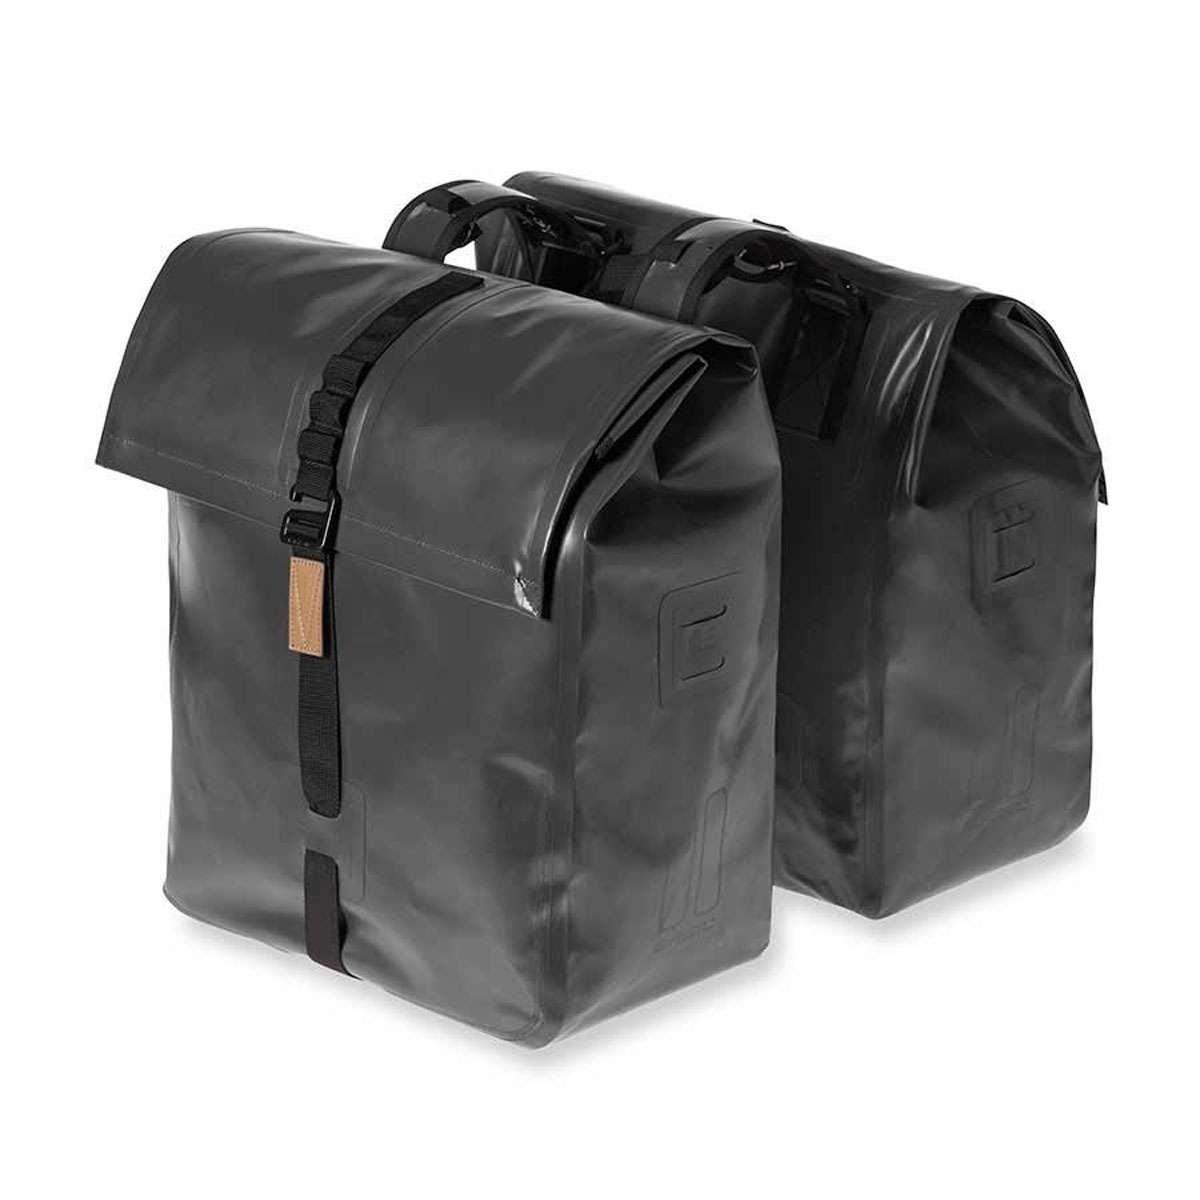 Basil Urban Dry Double Bag - Wasserdichte Doppeltasche